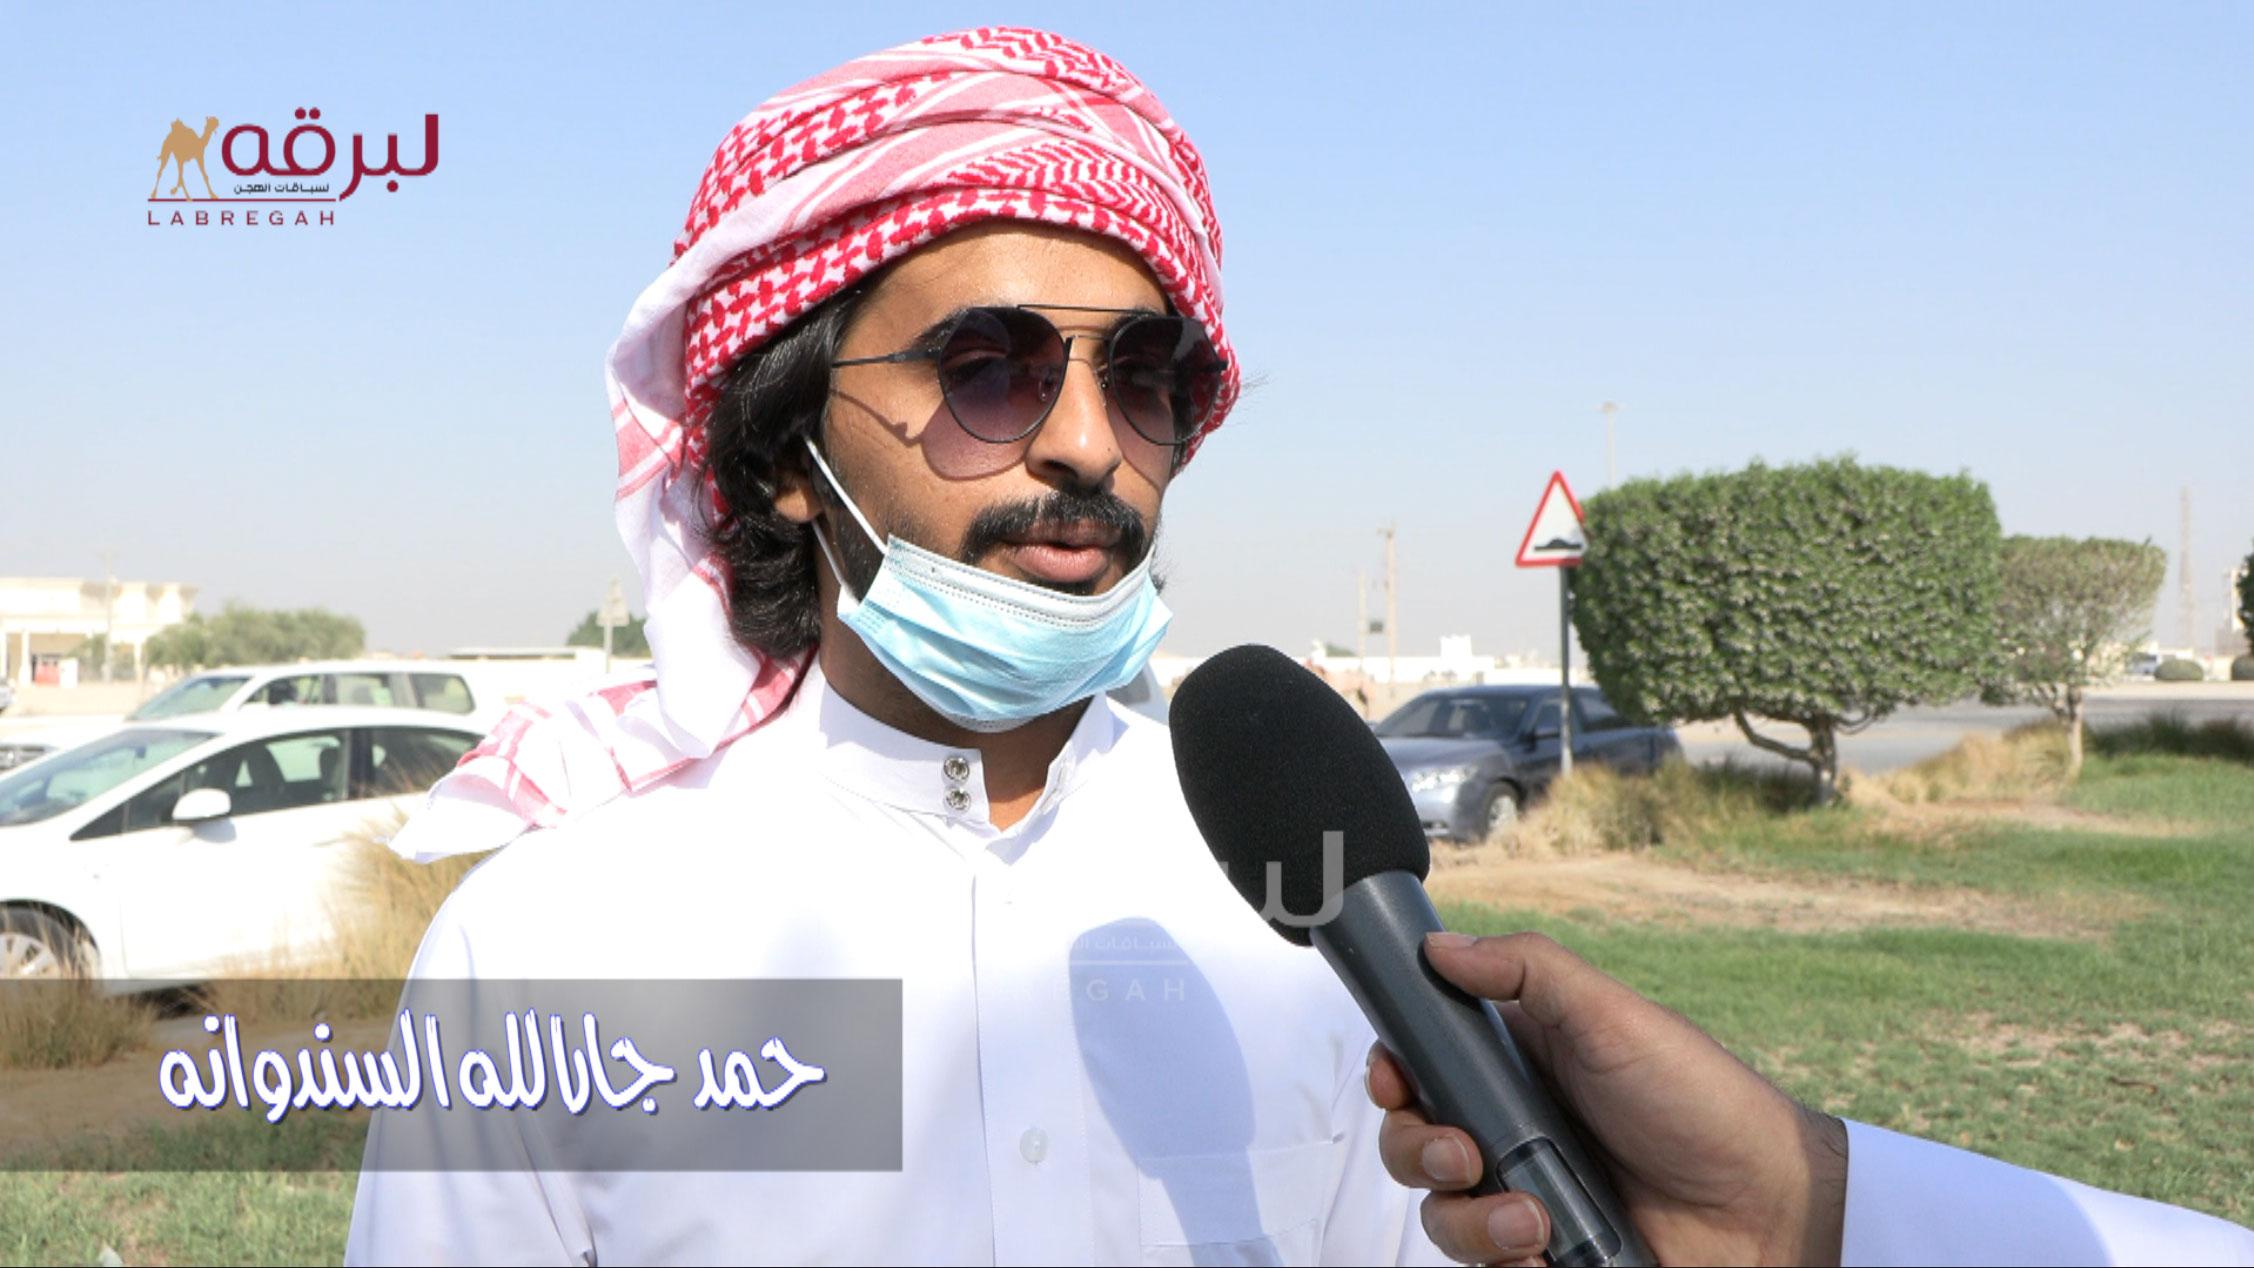 لقاء مع حمد جارالله السندوانه.. الشوط الرئيسي للقايا قعدان (إنتاج) ميدان الشحانية ٢٠-٩-٢٠٢١